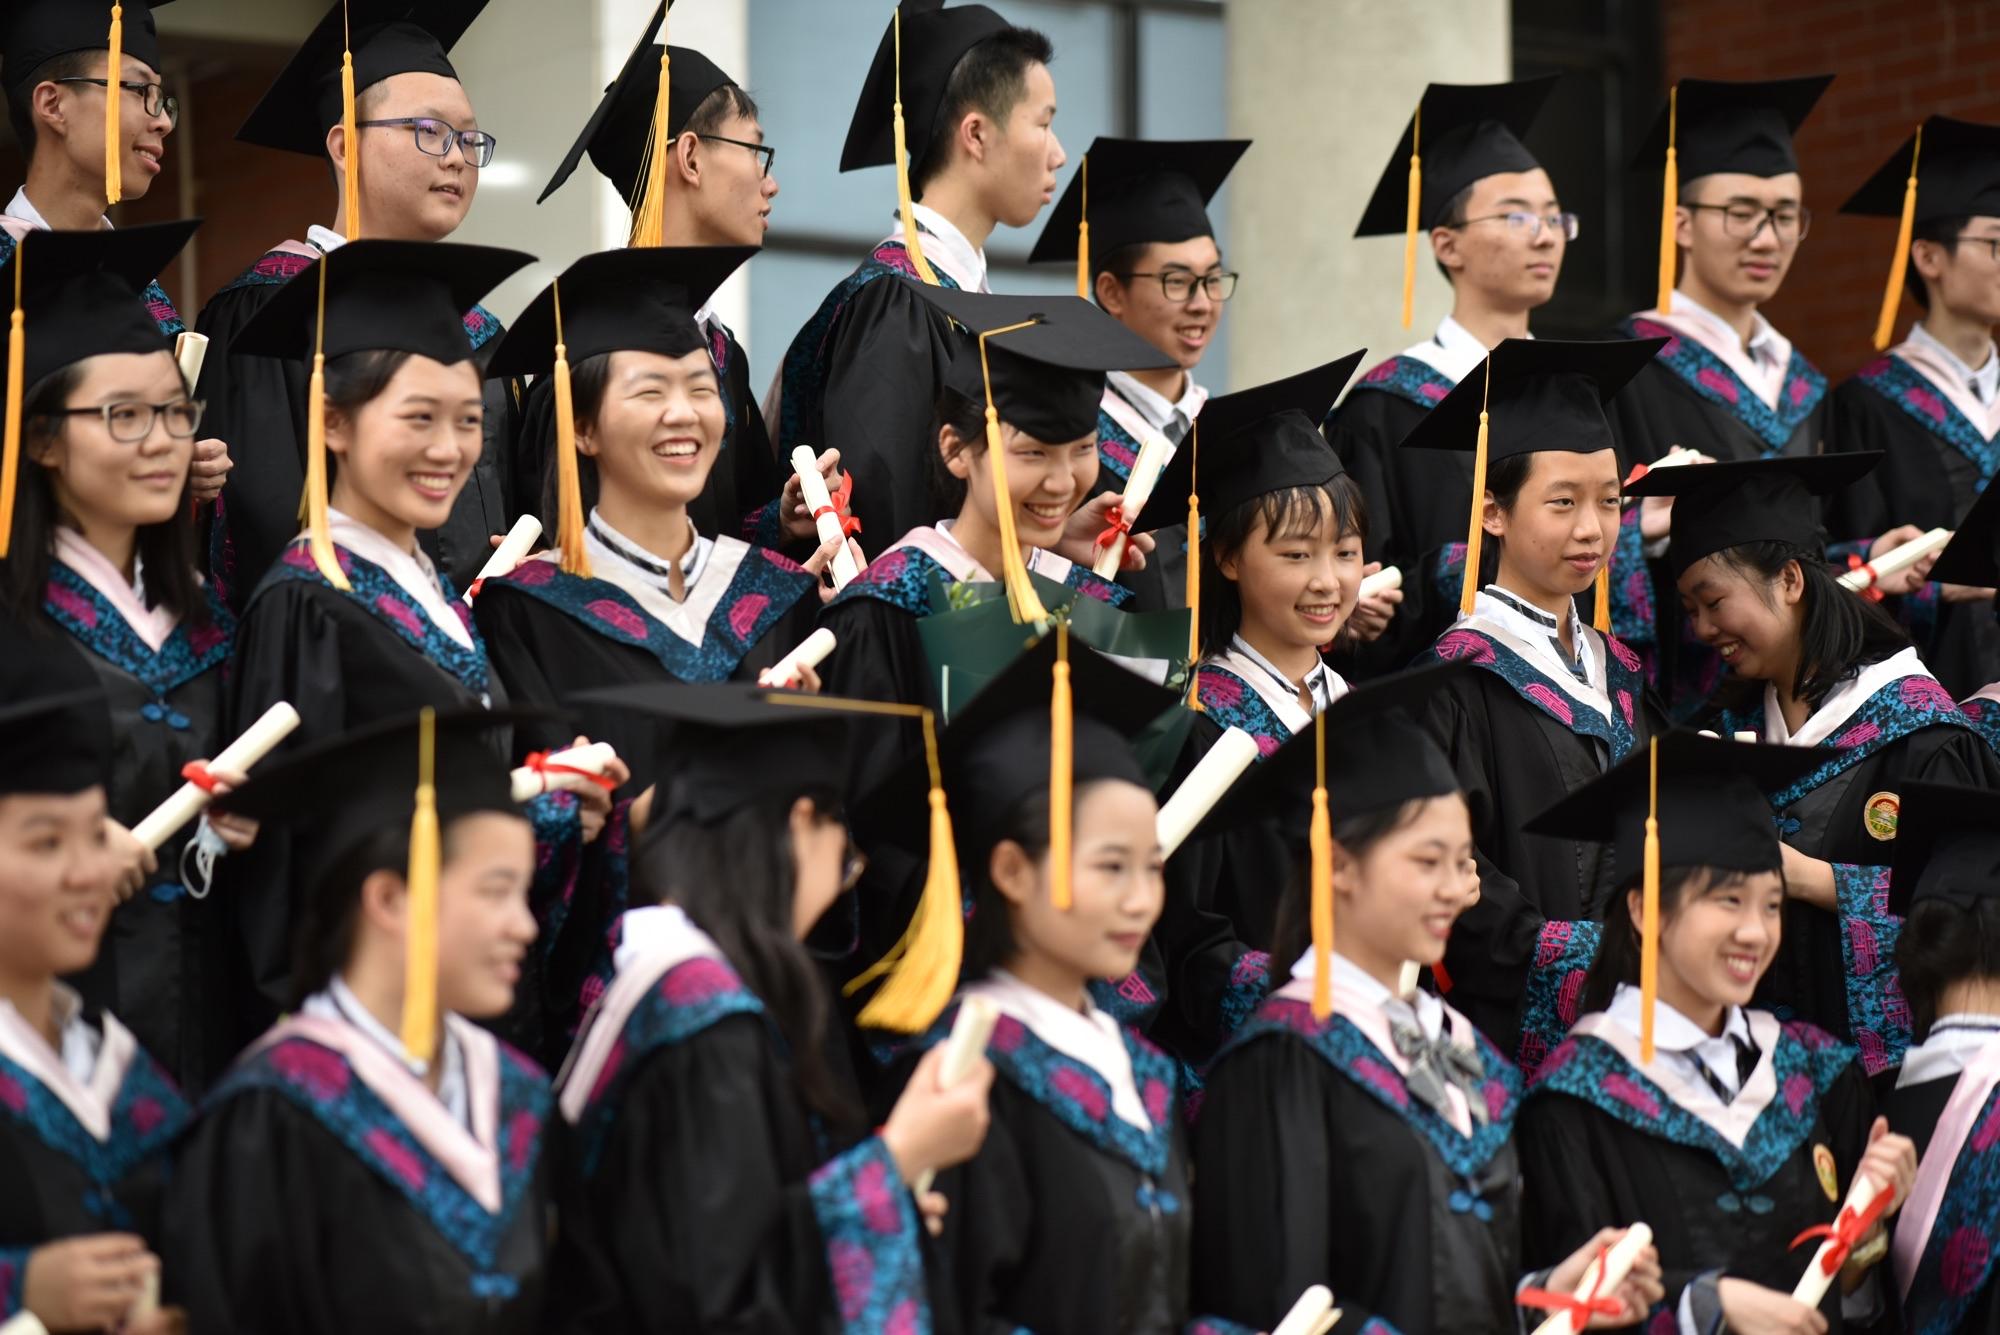 2020年7月9日,广东广雅中学高三学子身穿礼服,走过188.8米的红地毯,向创始人张之洞深鞠一躬,在冠冕楼前被校长逐一戴四方帽、正衣冠、握手、颁发毕业证。这是该校送给学生的毕业冠冕礼,至今年已经连续举办10年。 羊城晚报全媒体记者 宋金峪 摄